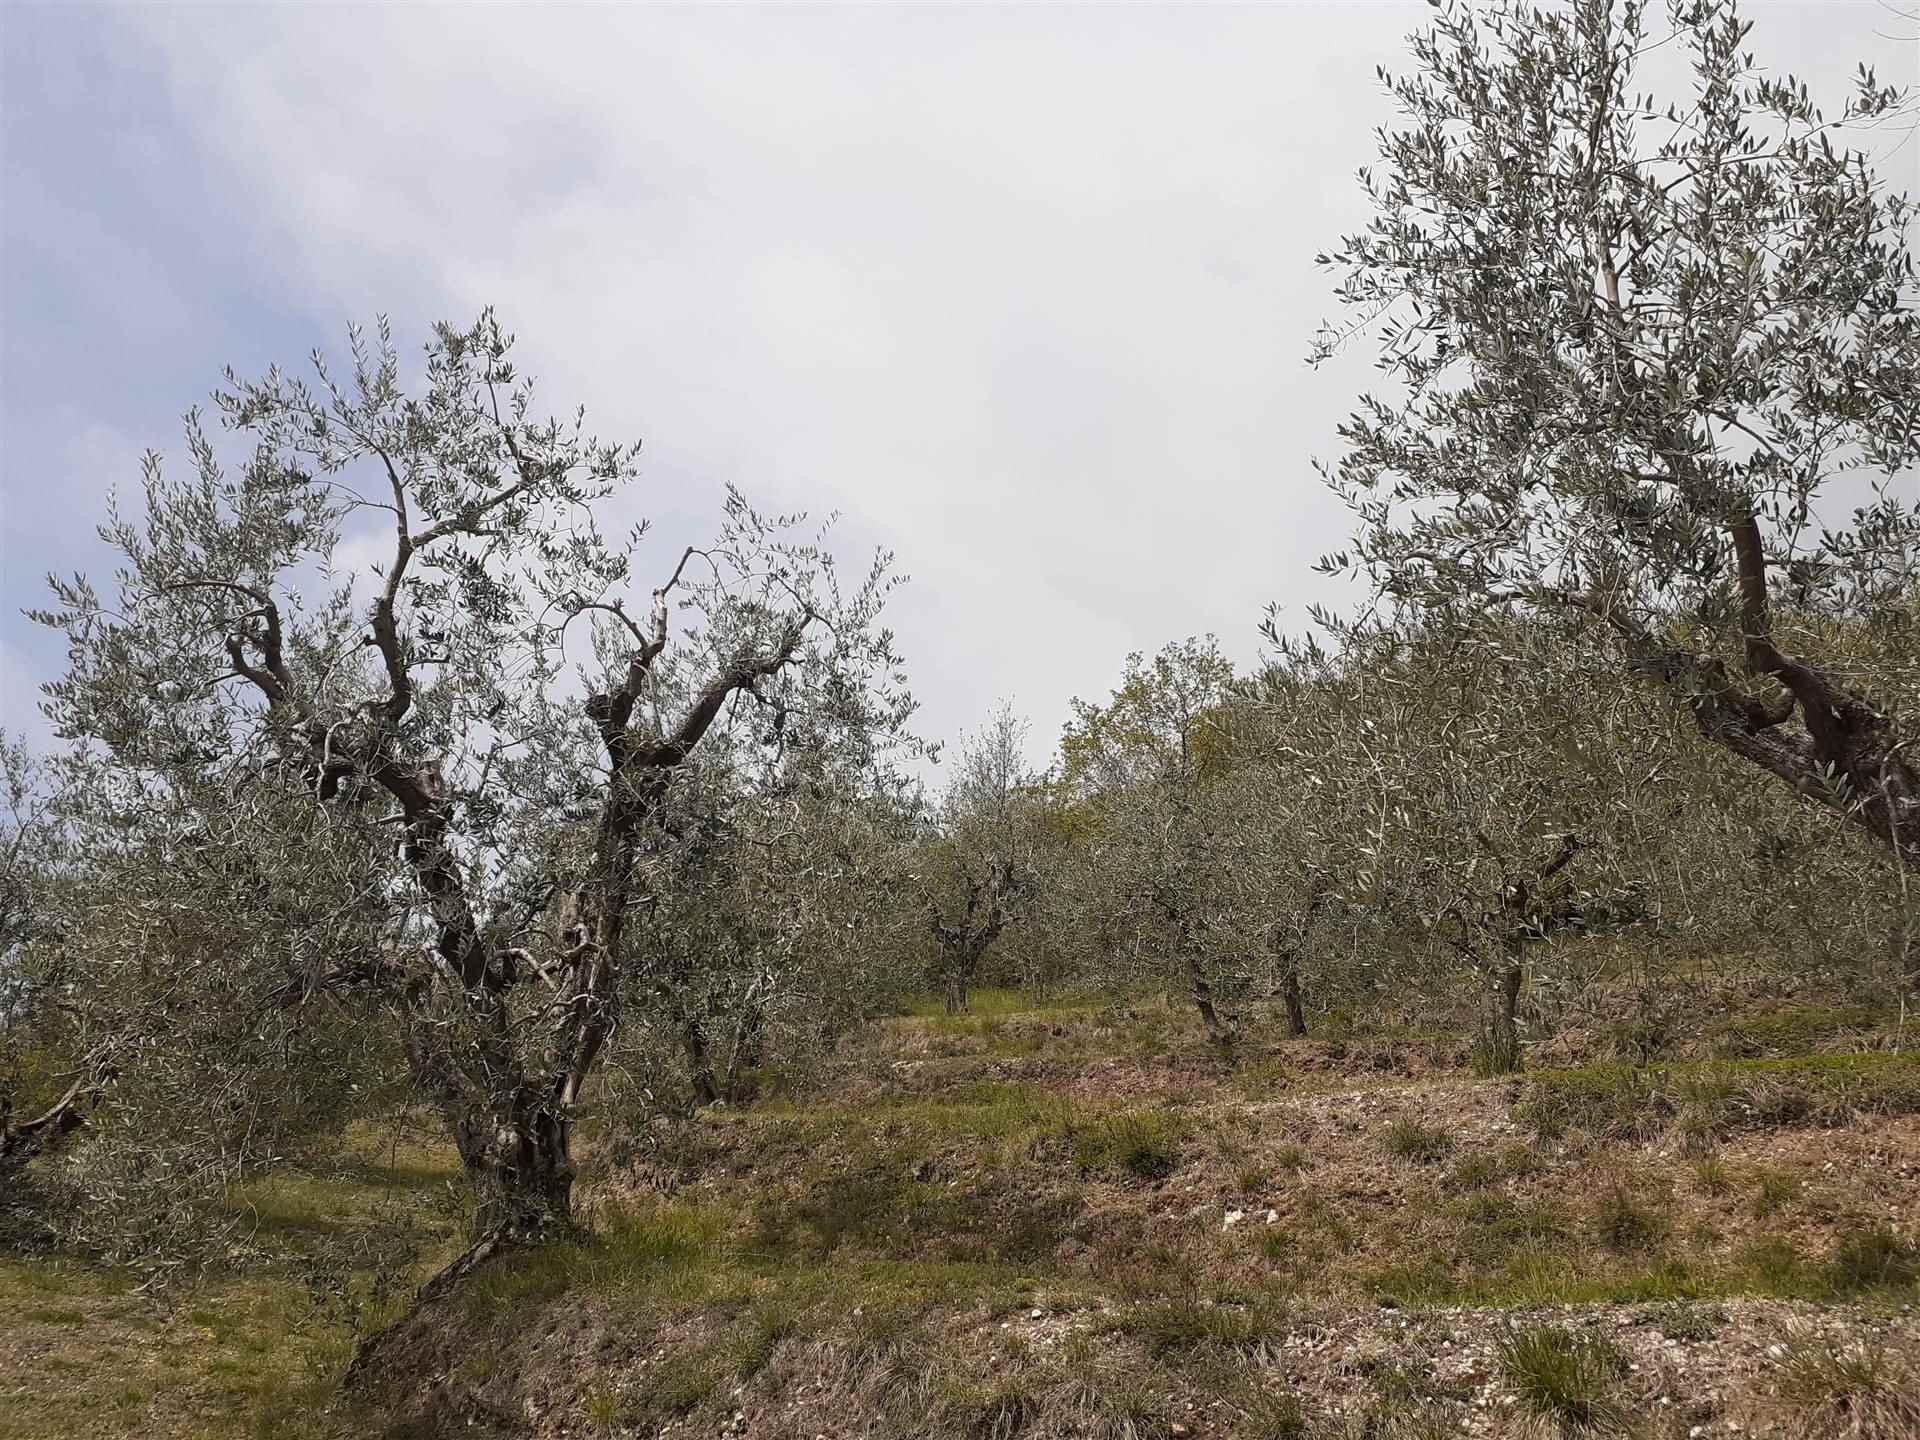 Terreno Agricolo in vendita a Polpenazze del Garda, 9999 locali, prezzo € 132.500 | PortaleAgenzieImmobiliari.it